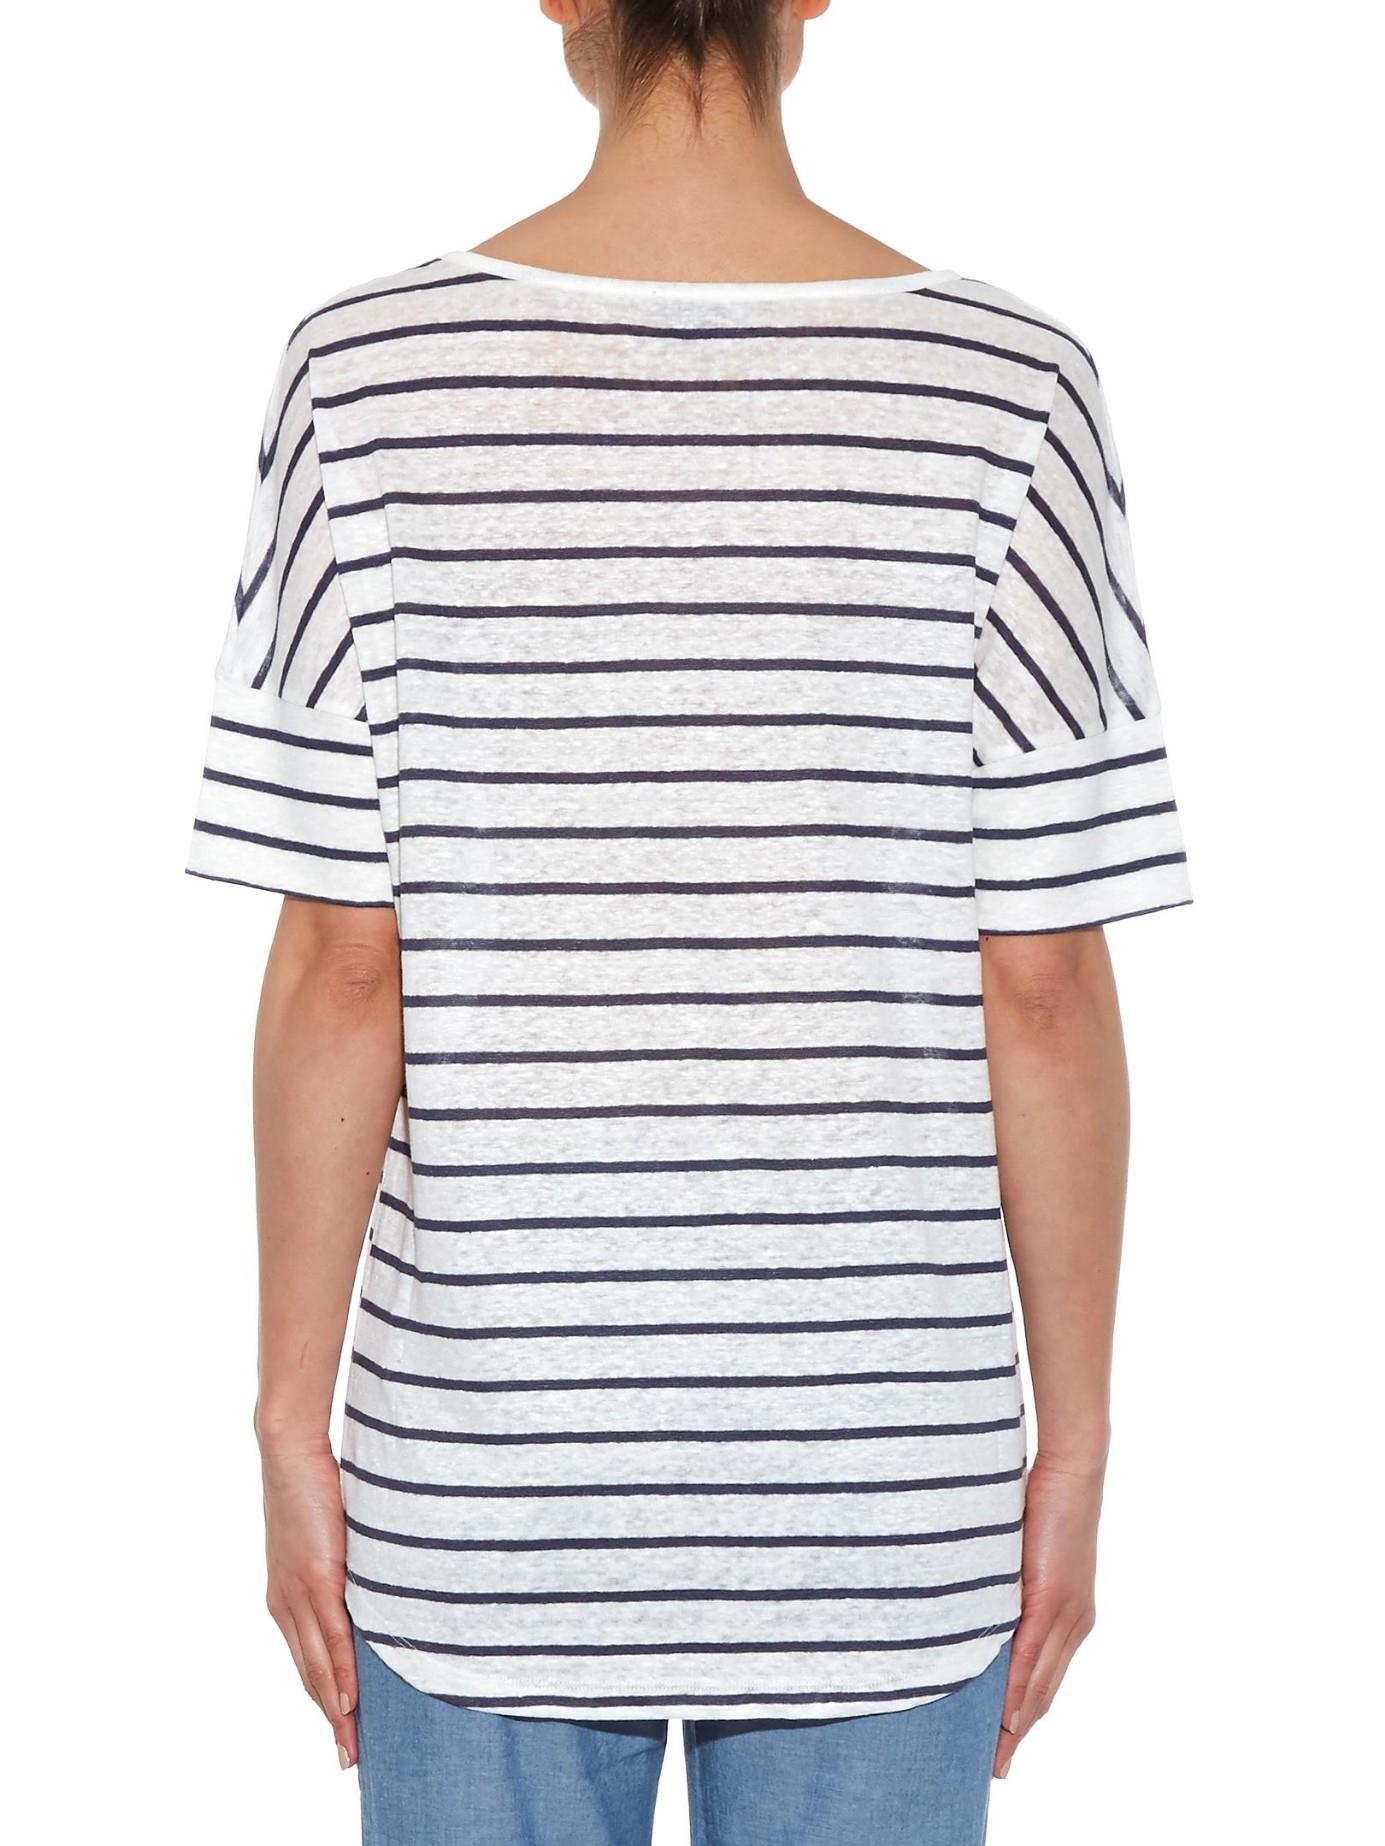 Vince Striped Short Sleeved Linen T Shirt In Blue White